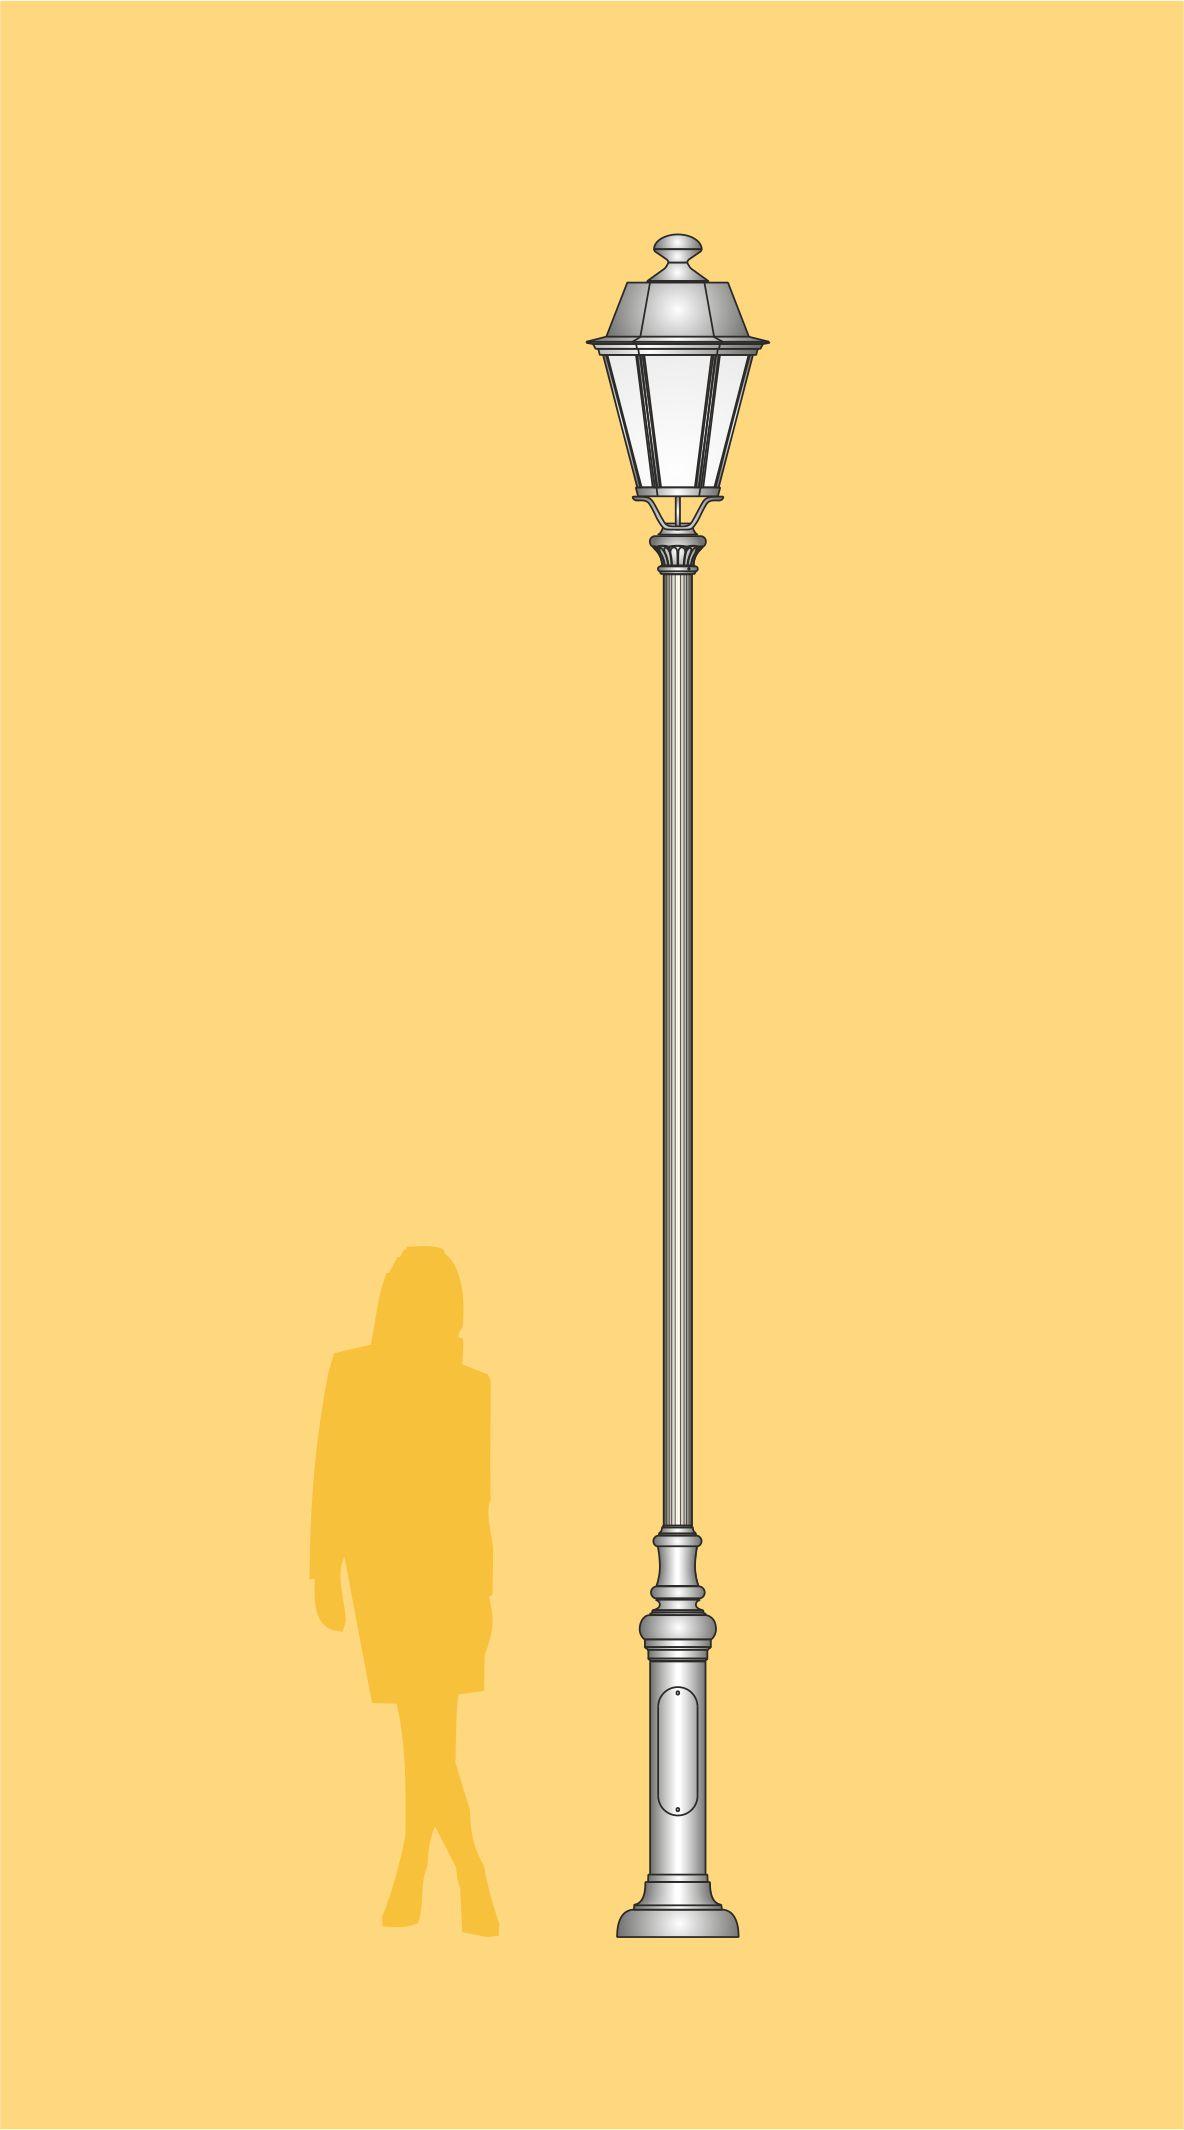 stylowa latarnia, latarnia parkowa, latarnia LED